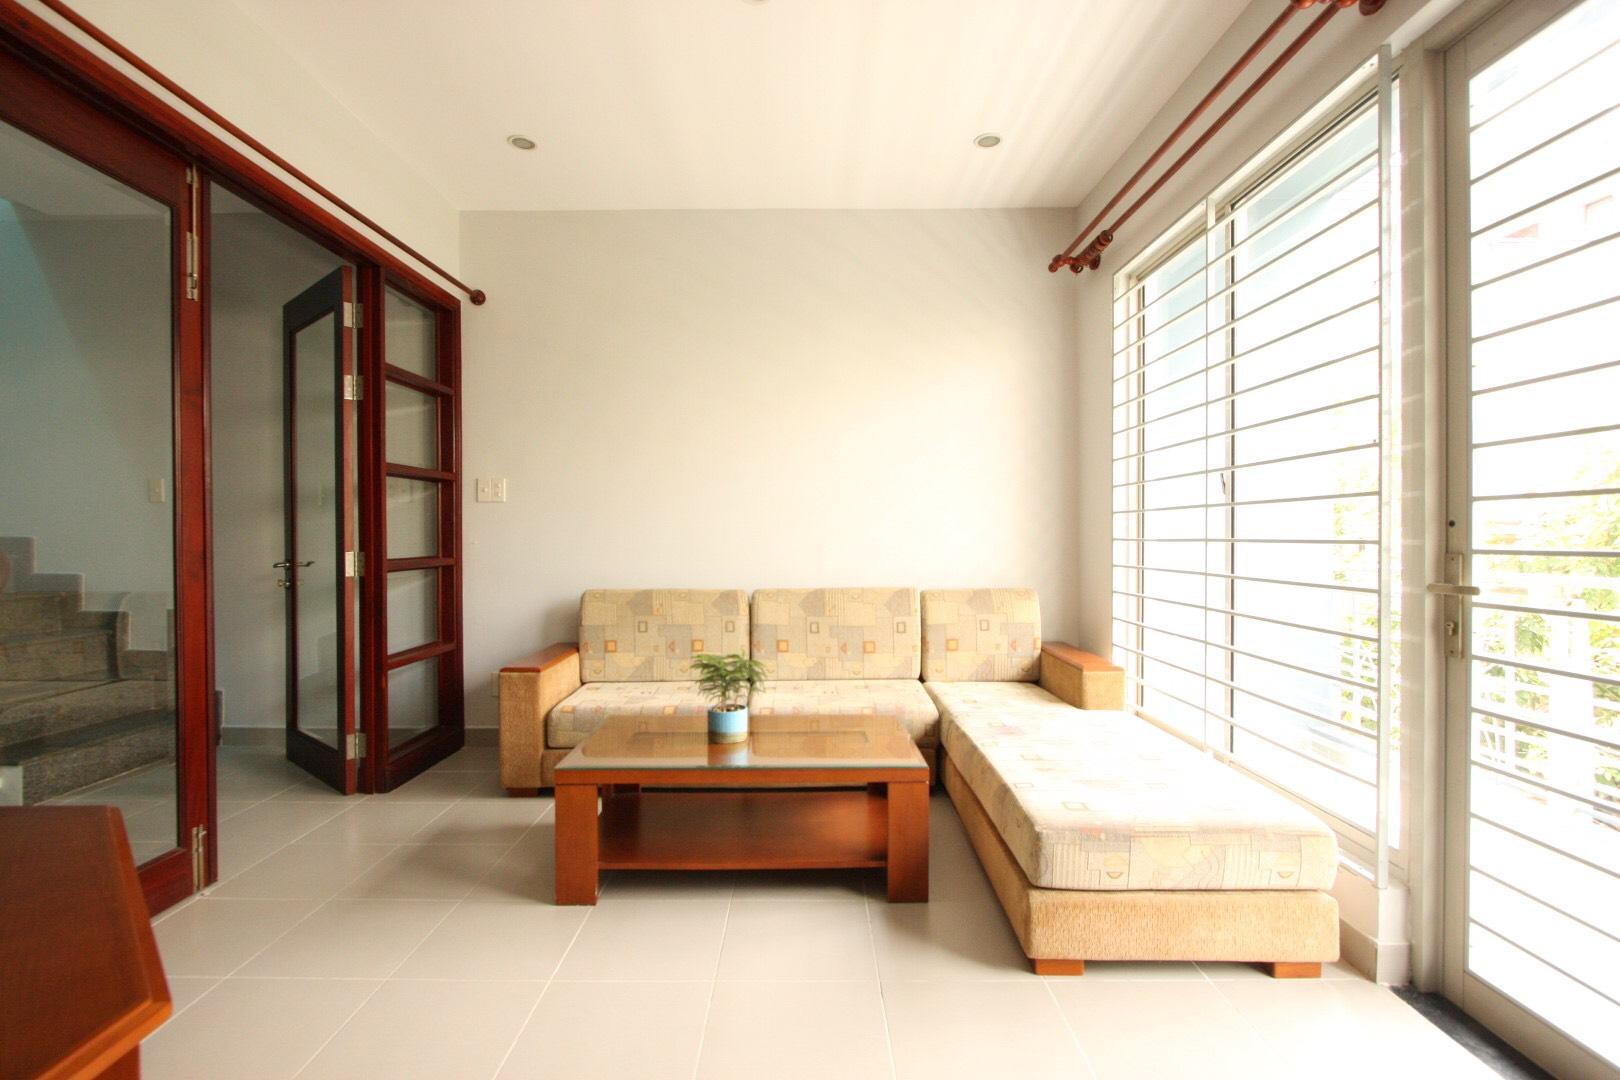 Thiết kế đơn gian, tối ưu hoá không gian với tông màu sáng